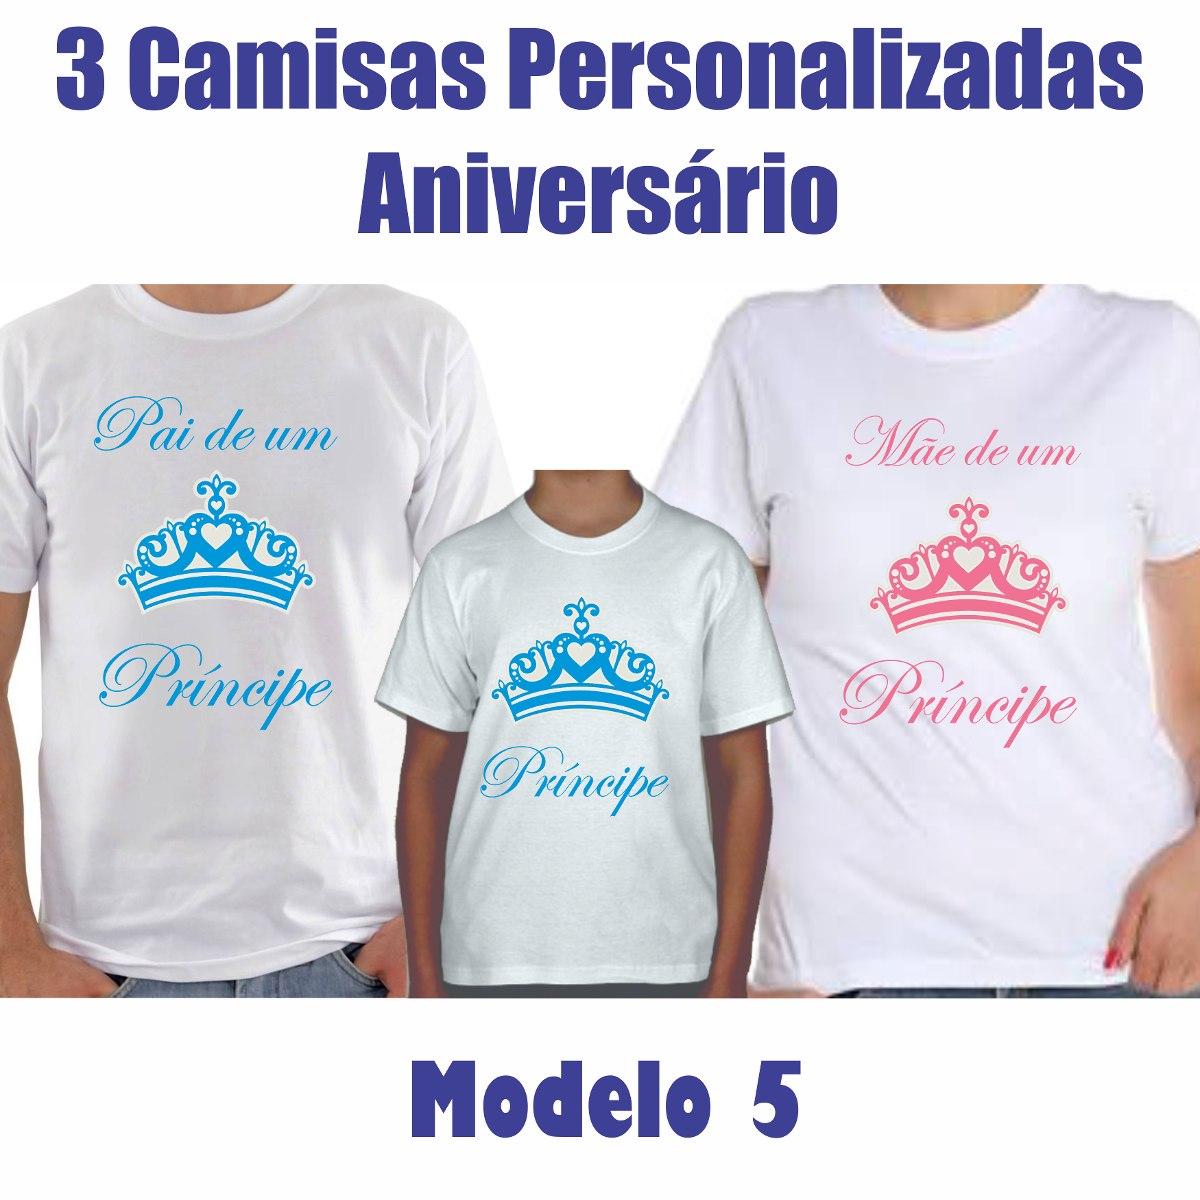 eaf6a90d9 kit 3 camisas pai mãe de um príncipe princesa -personalizada. Carregando  zoom.